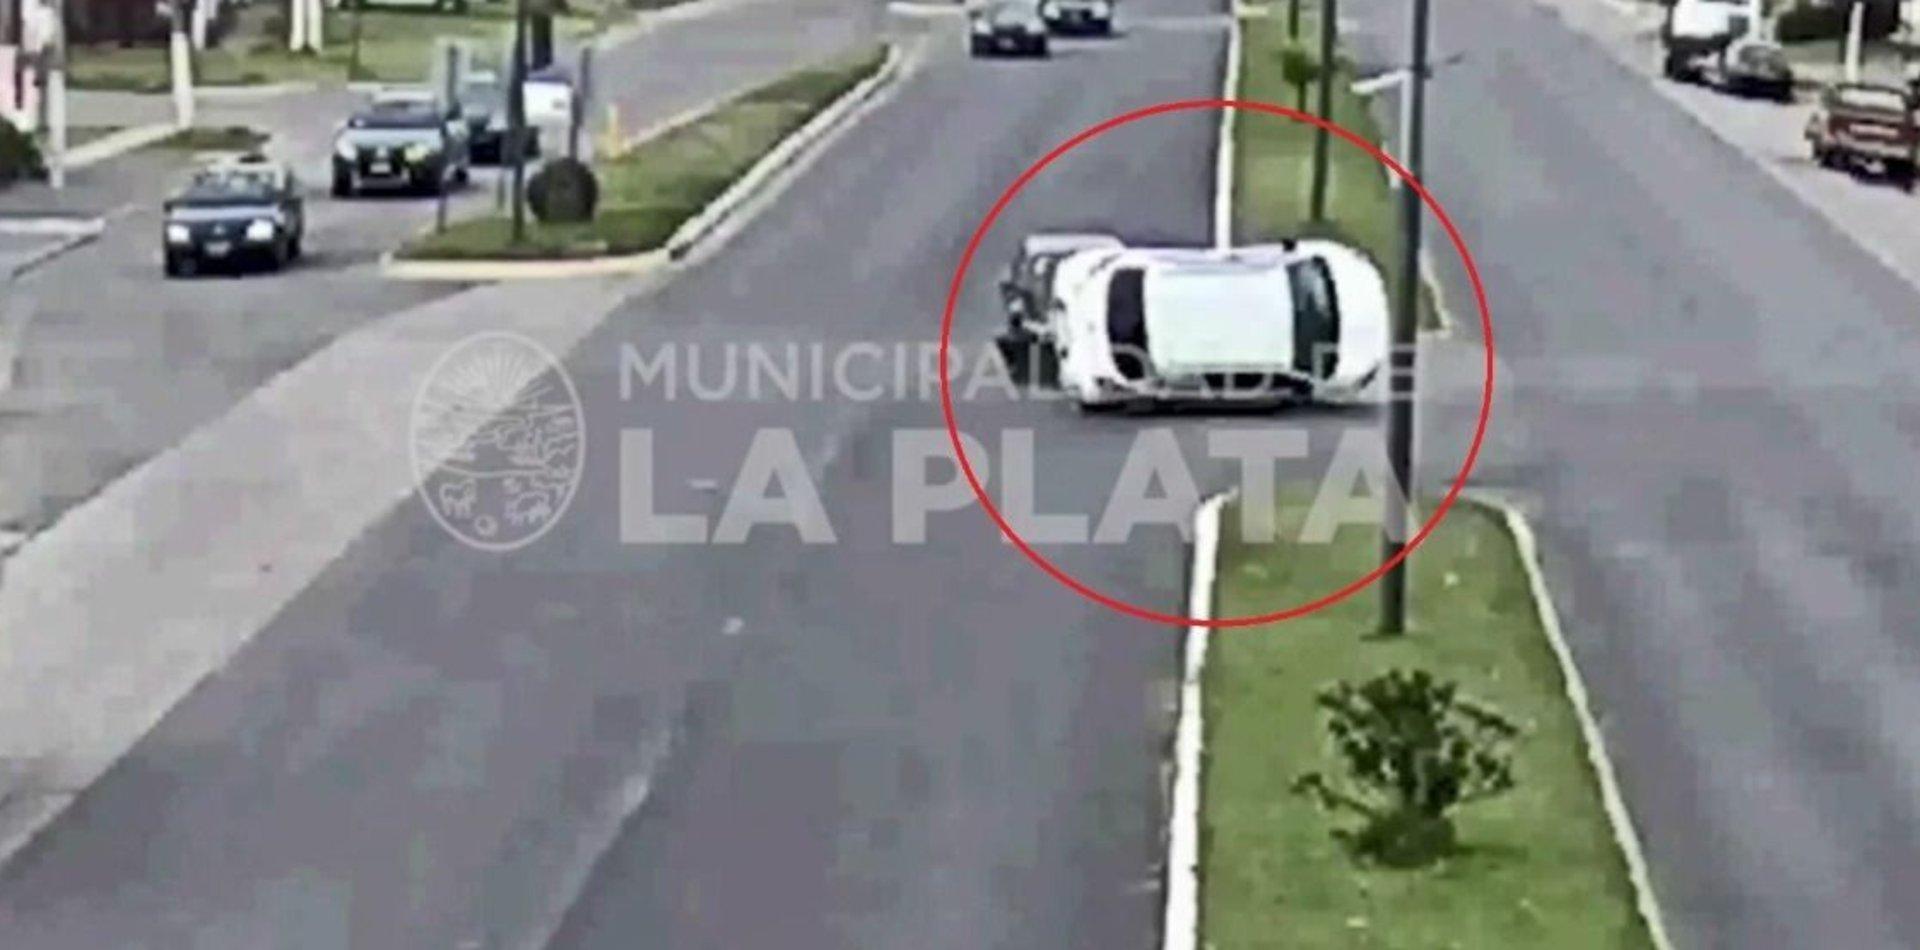 VIDEO: Insólito accidente en La Plata terminó con un auto volcado en plena calle